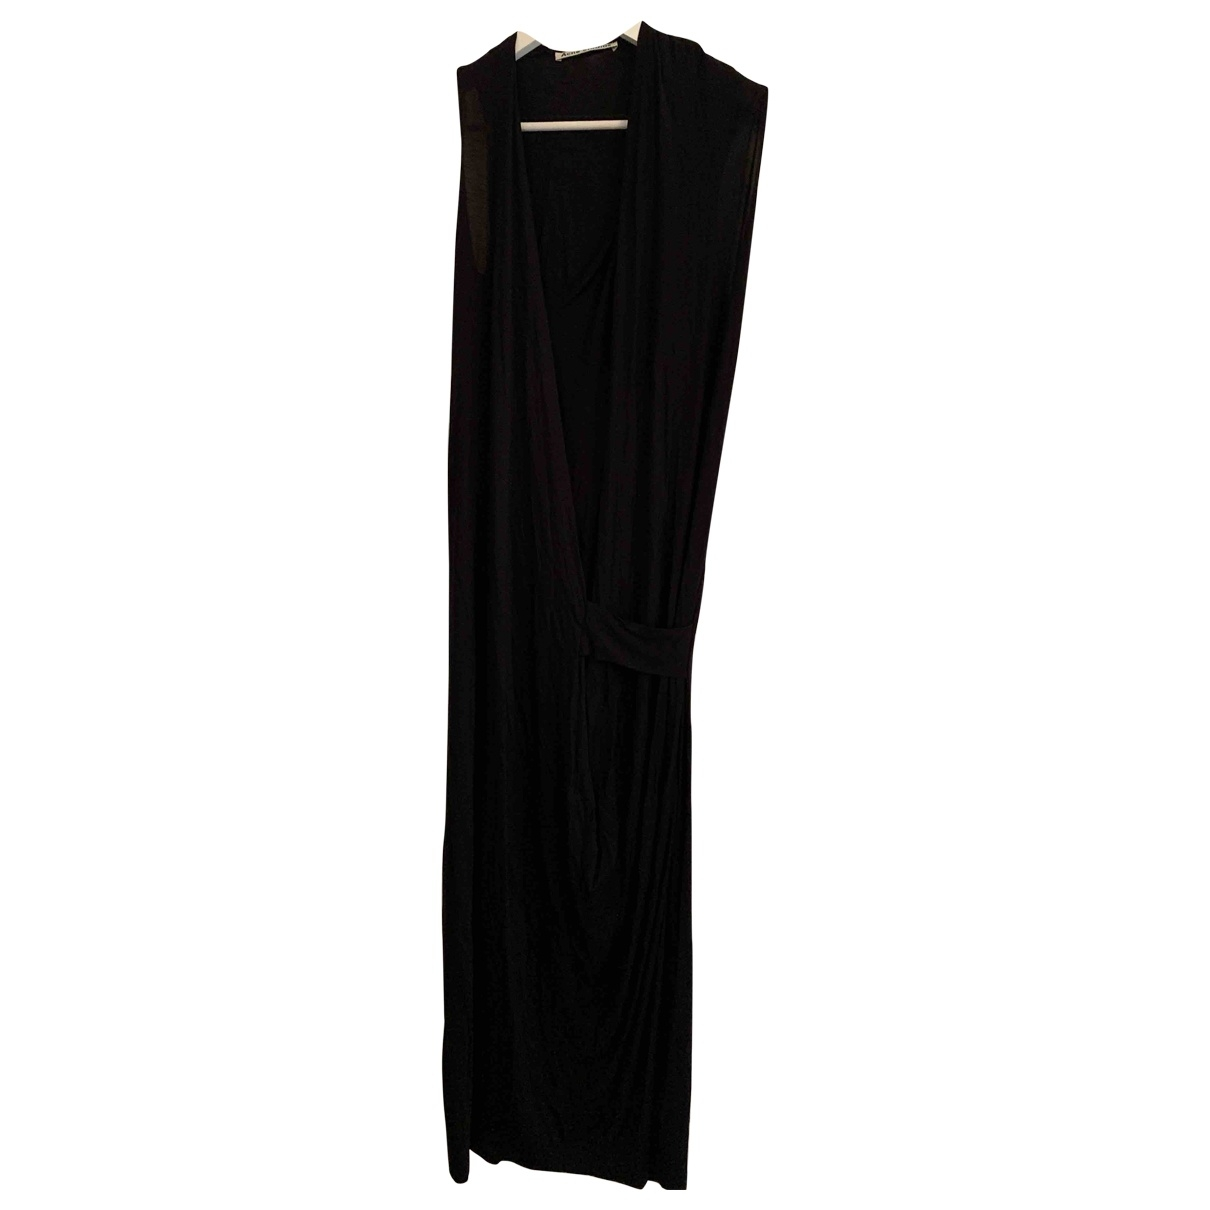 Acne Studios \N Black dress for Women S International